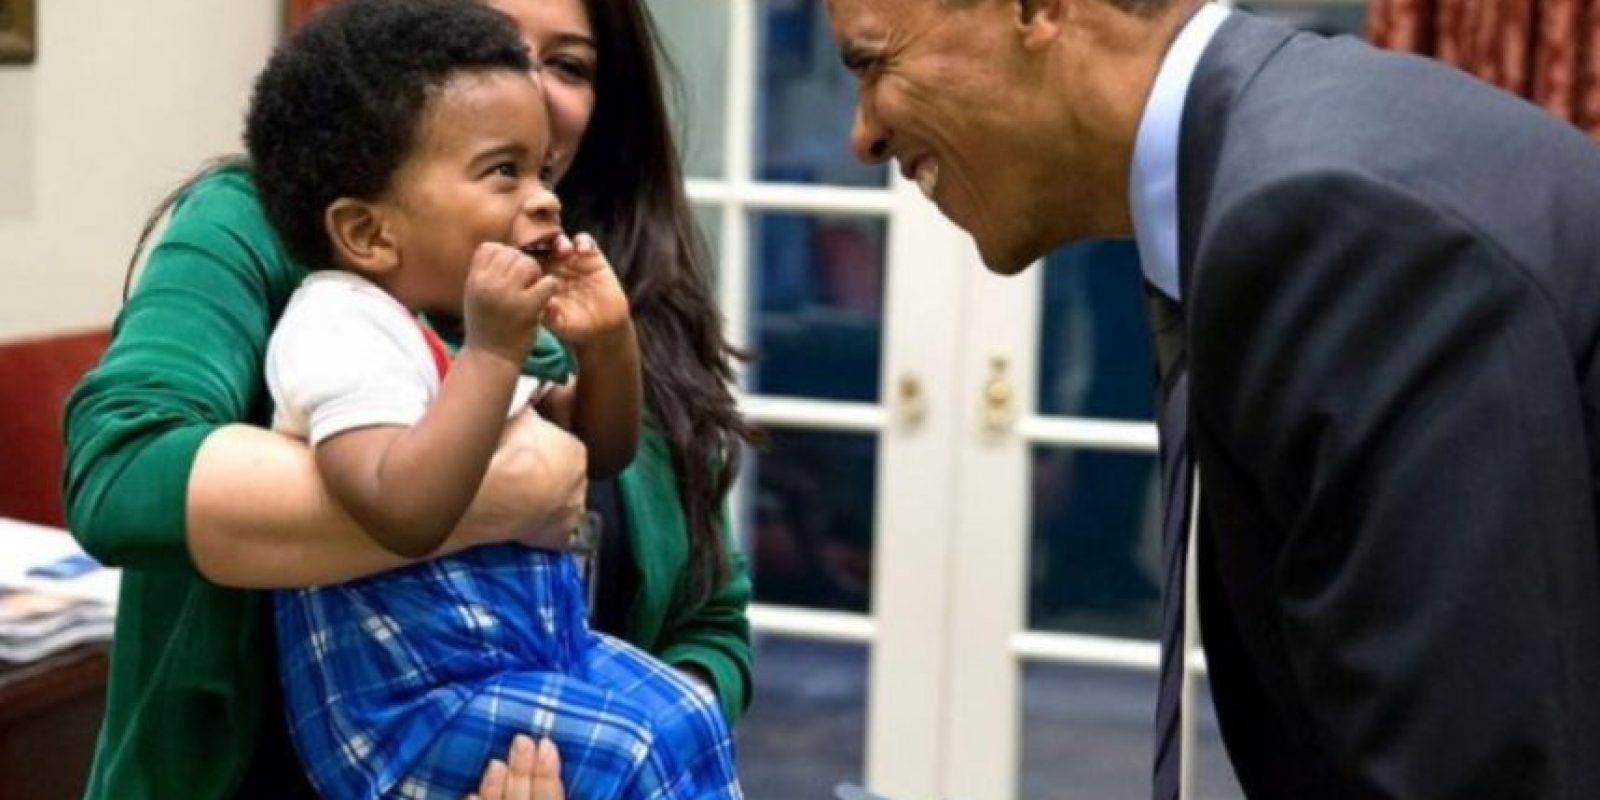 Parece que Obama siempre quiere hacer reír a los niños. Foto: Vía whitehouse.gov/photos